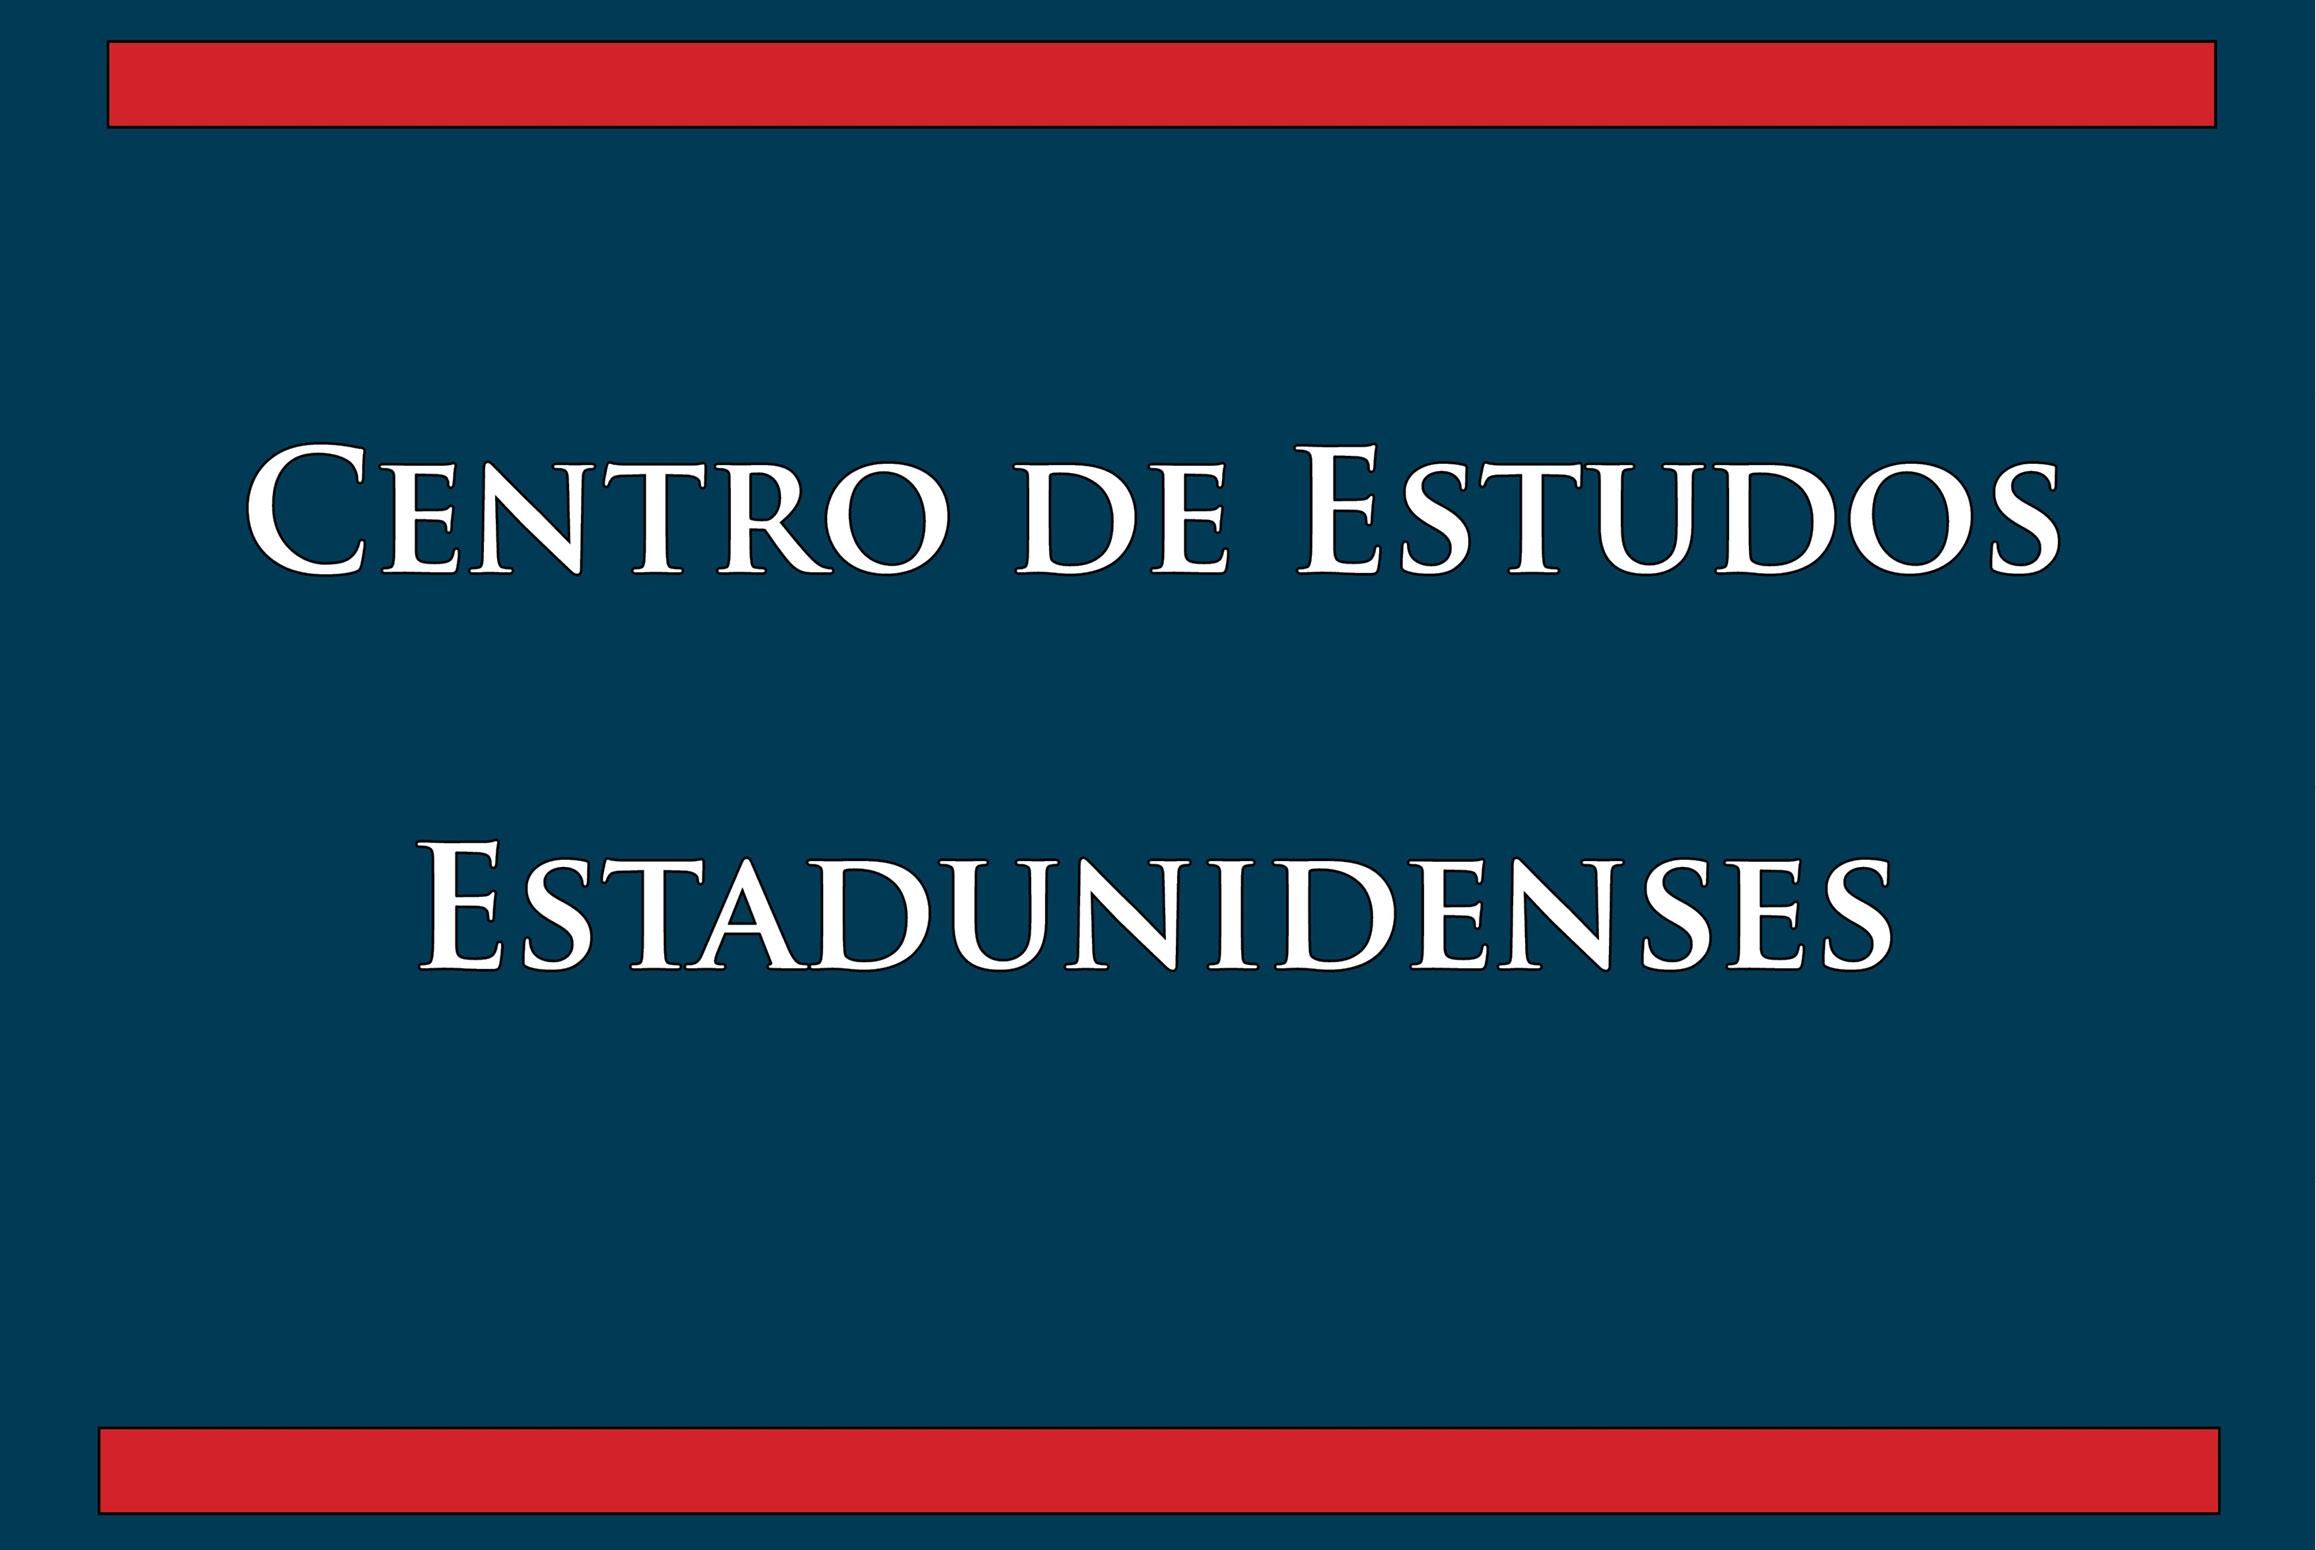 Centro de Estudos Estadunidenses